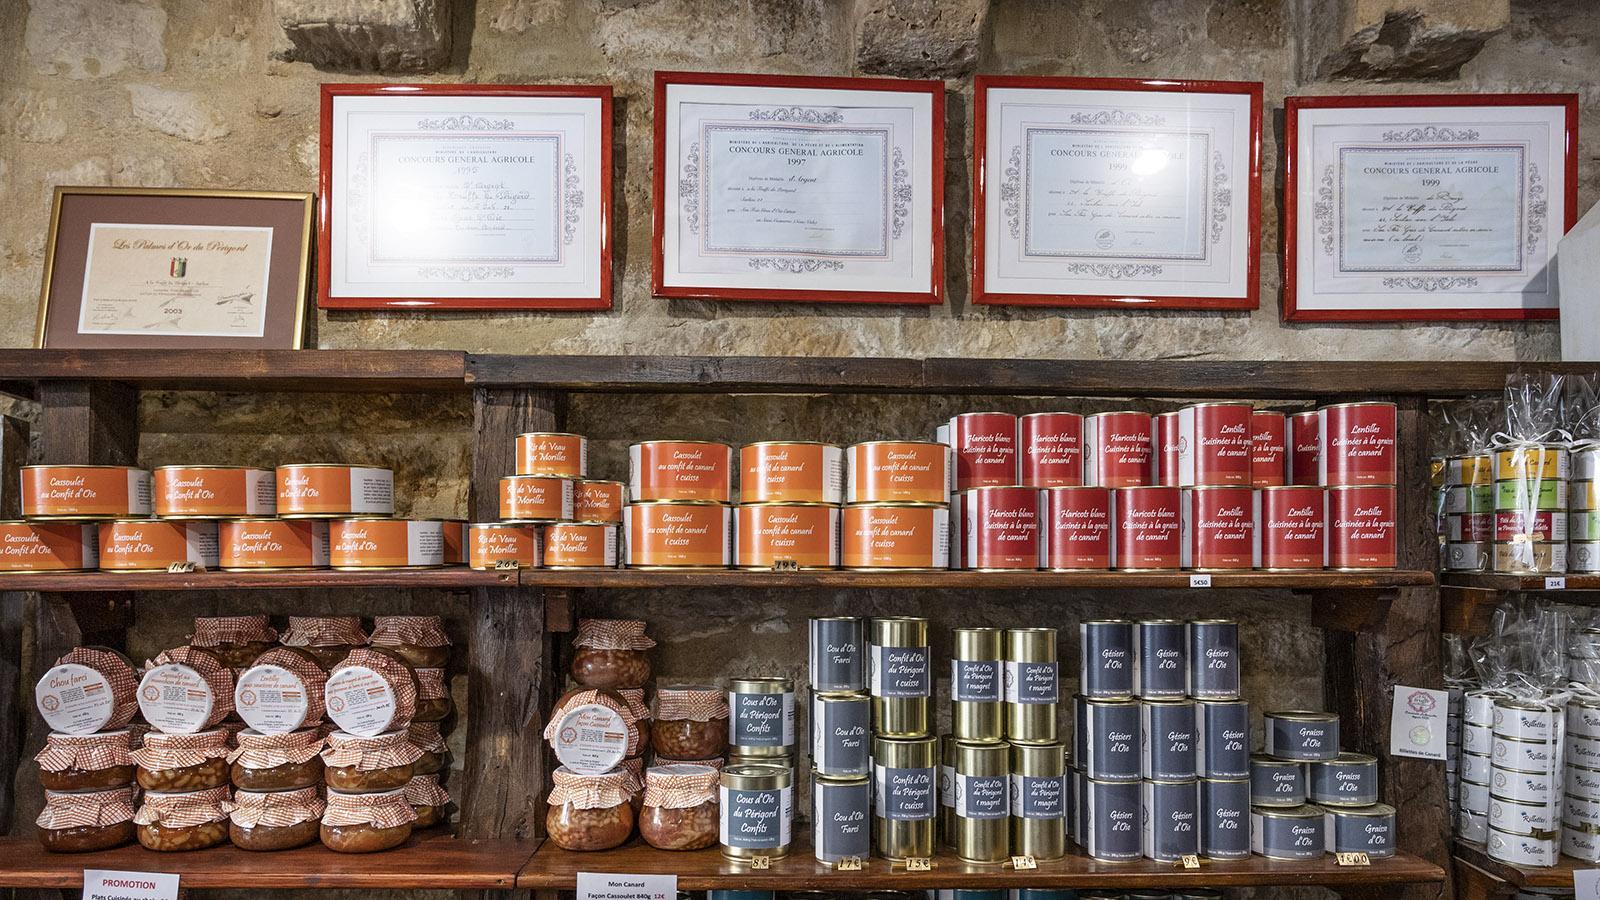 Sarlat, Viele Produkte sind prämiert. Foto: Hilke Maunder